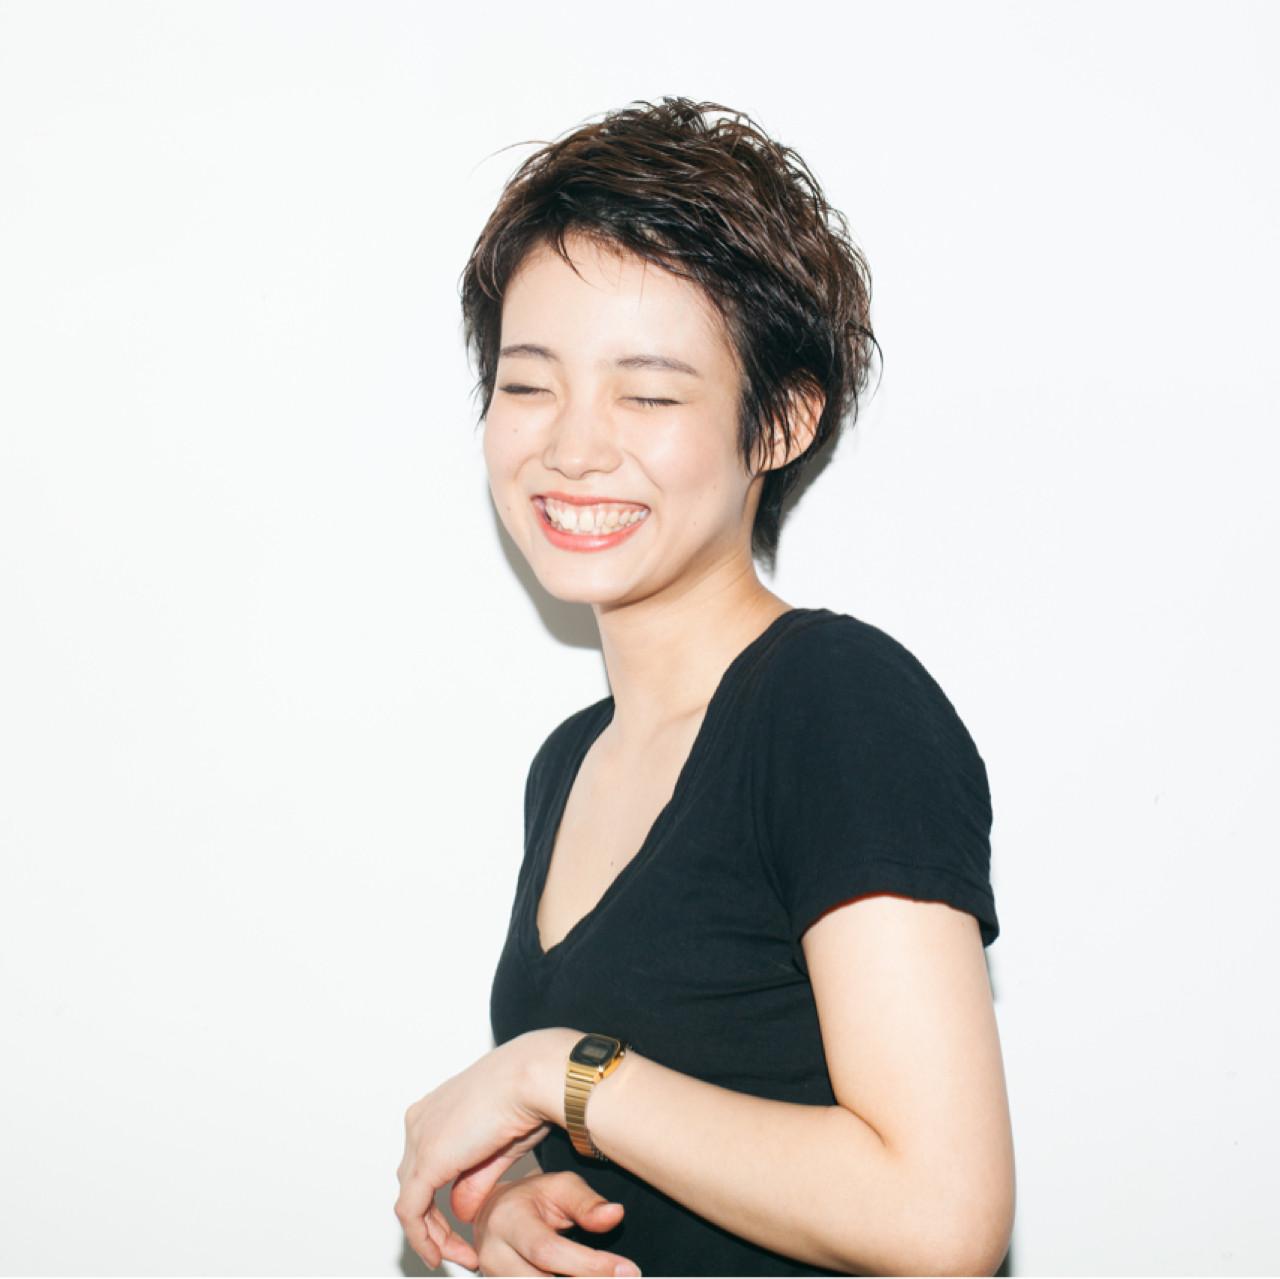 簡単可愛いベリーショートのアレンジまとめ♡結婚式~カジュアル向けまで大解説